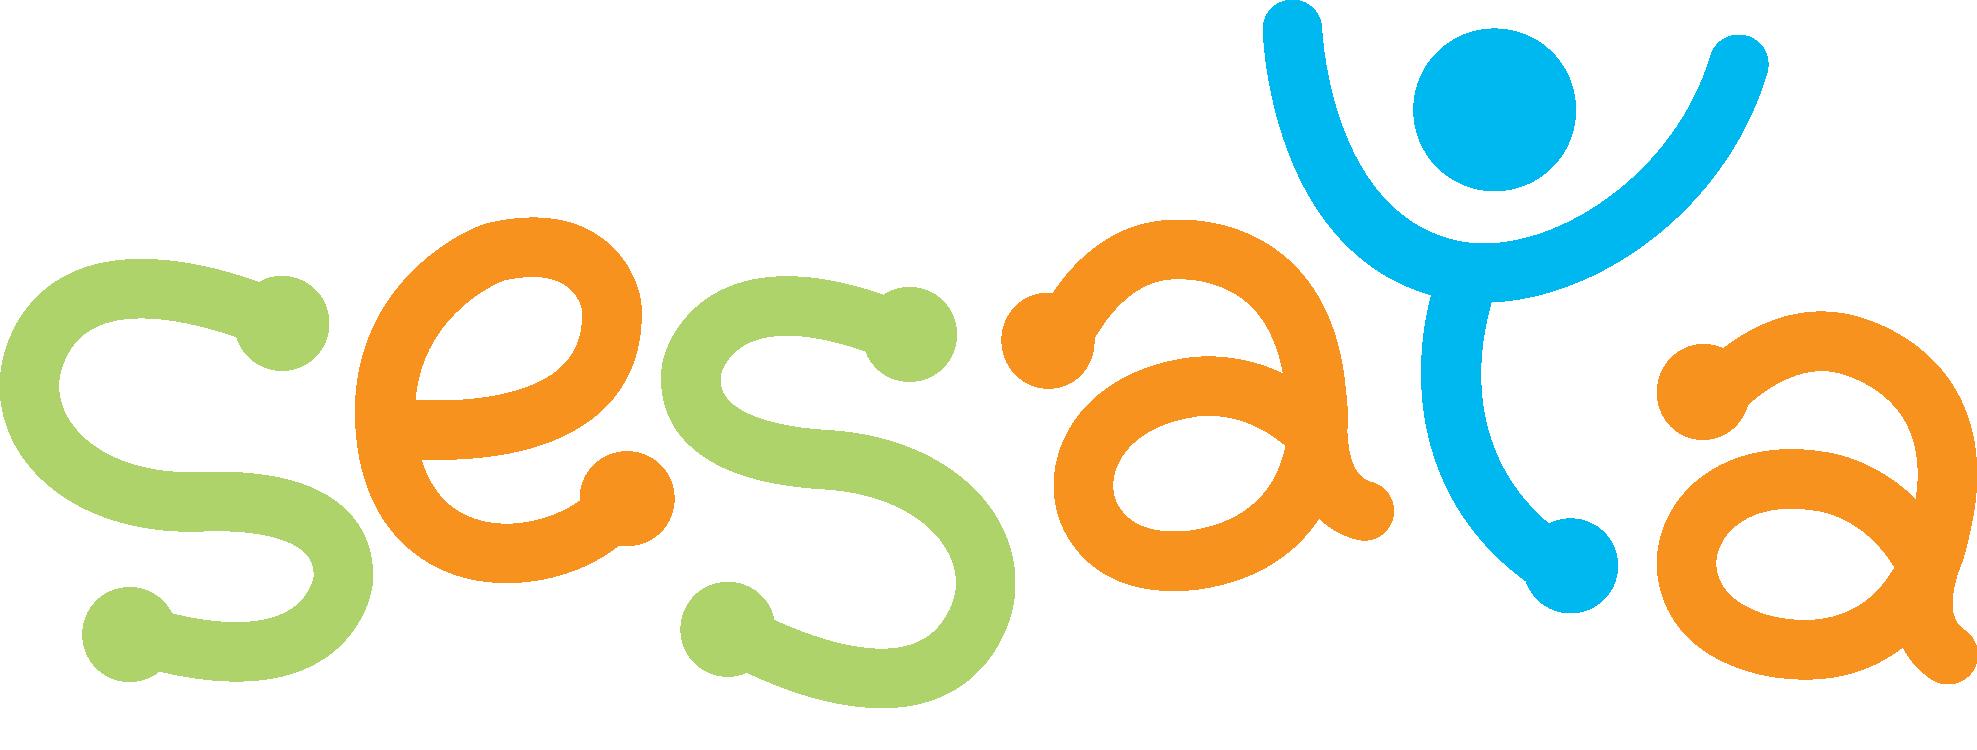 sesaya_logo.png